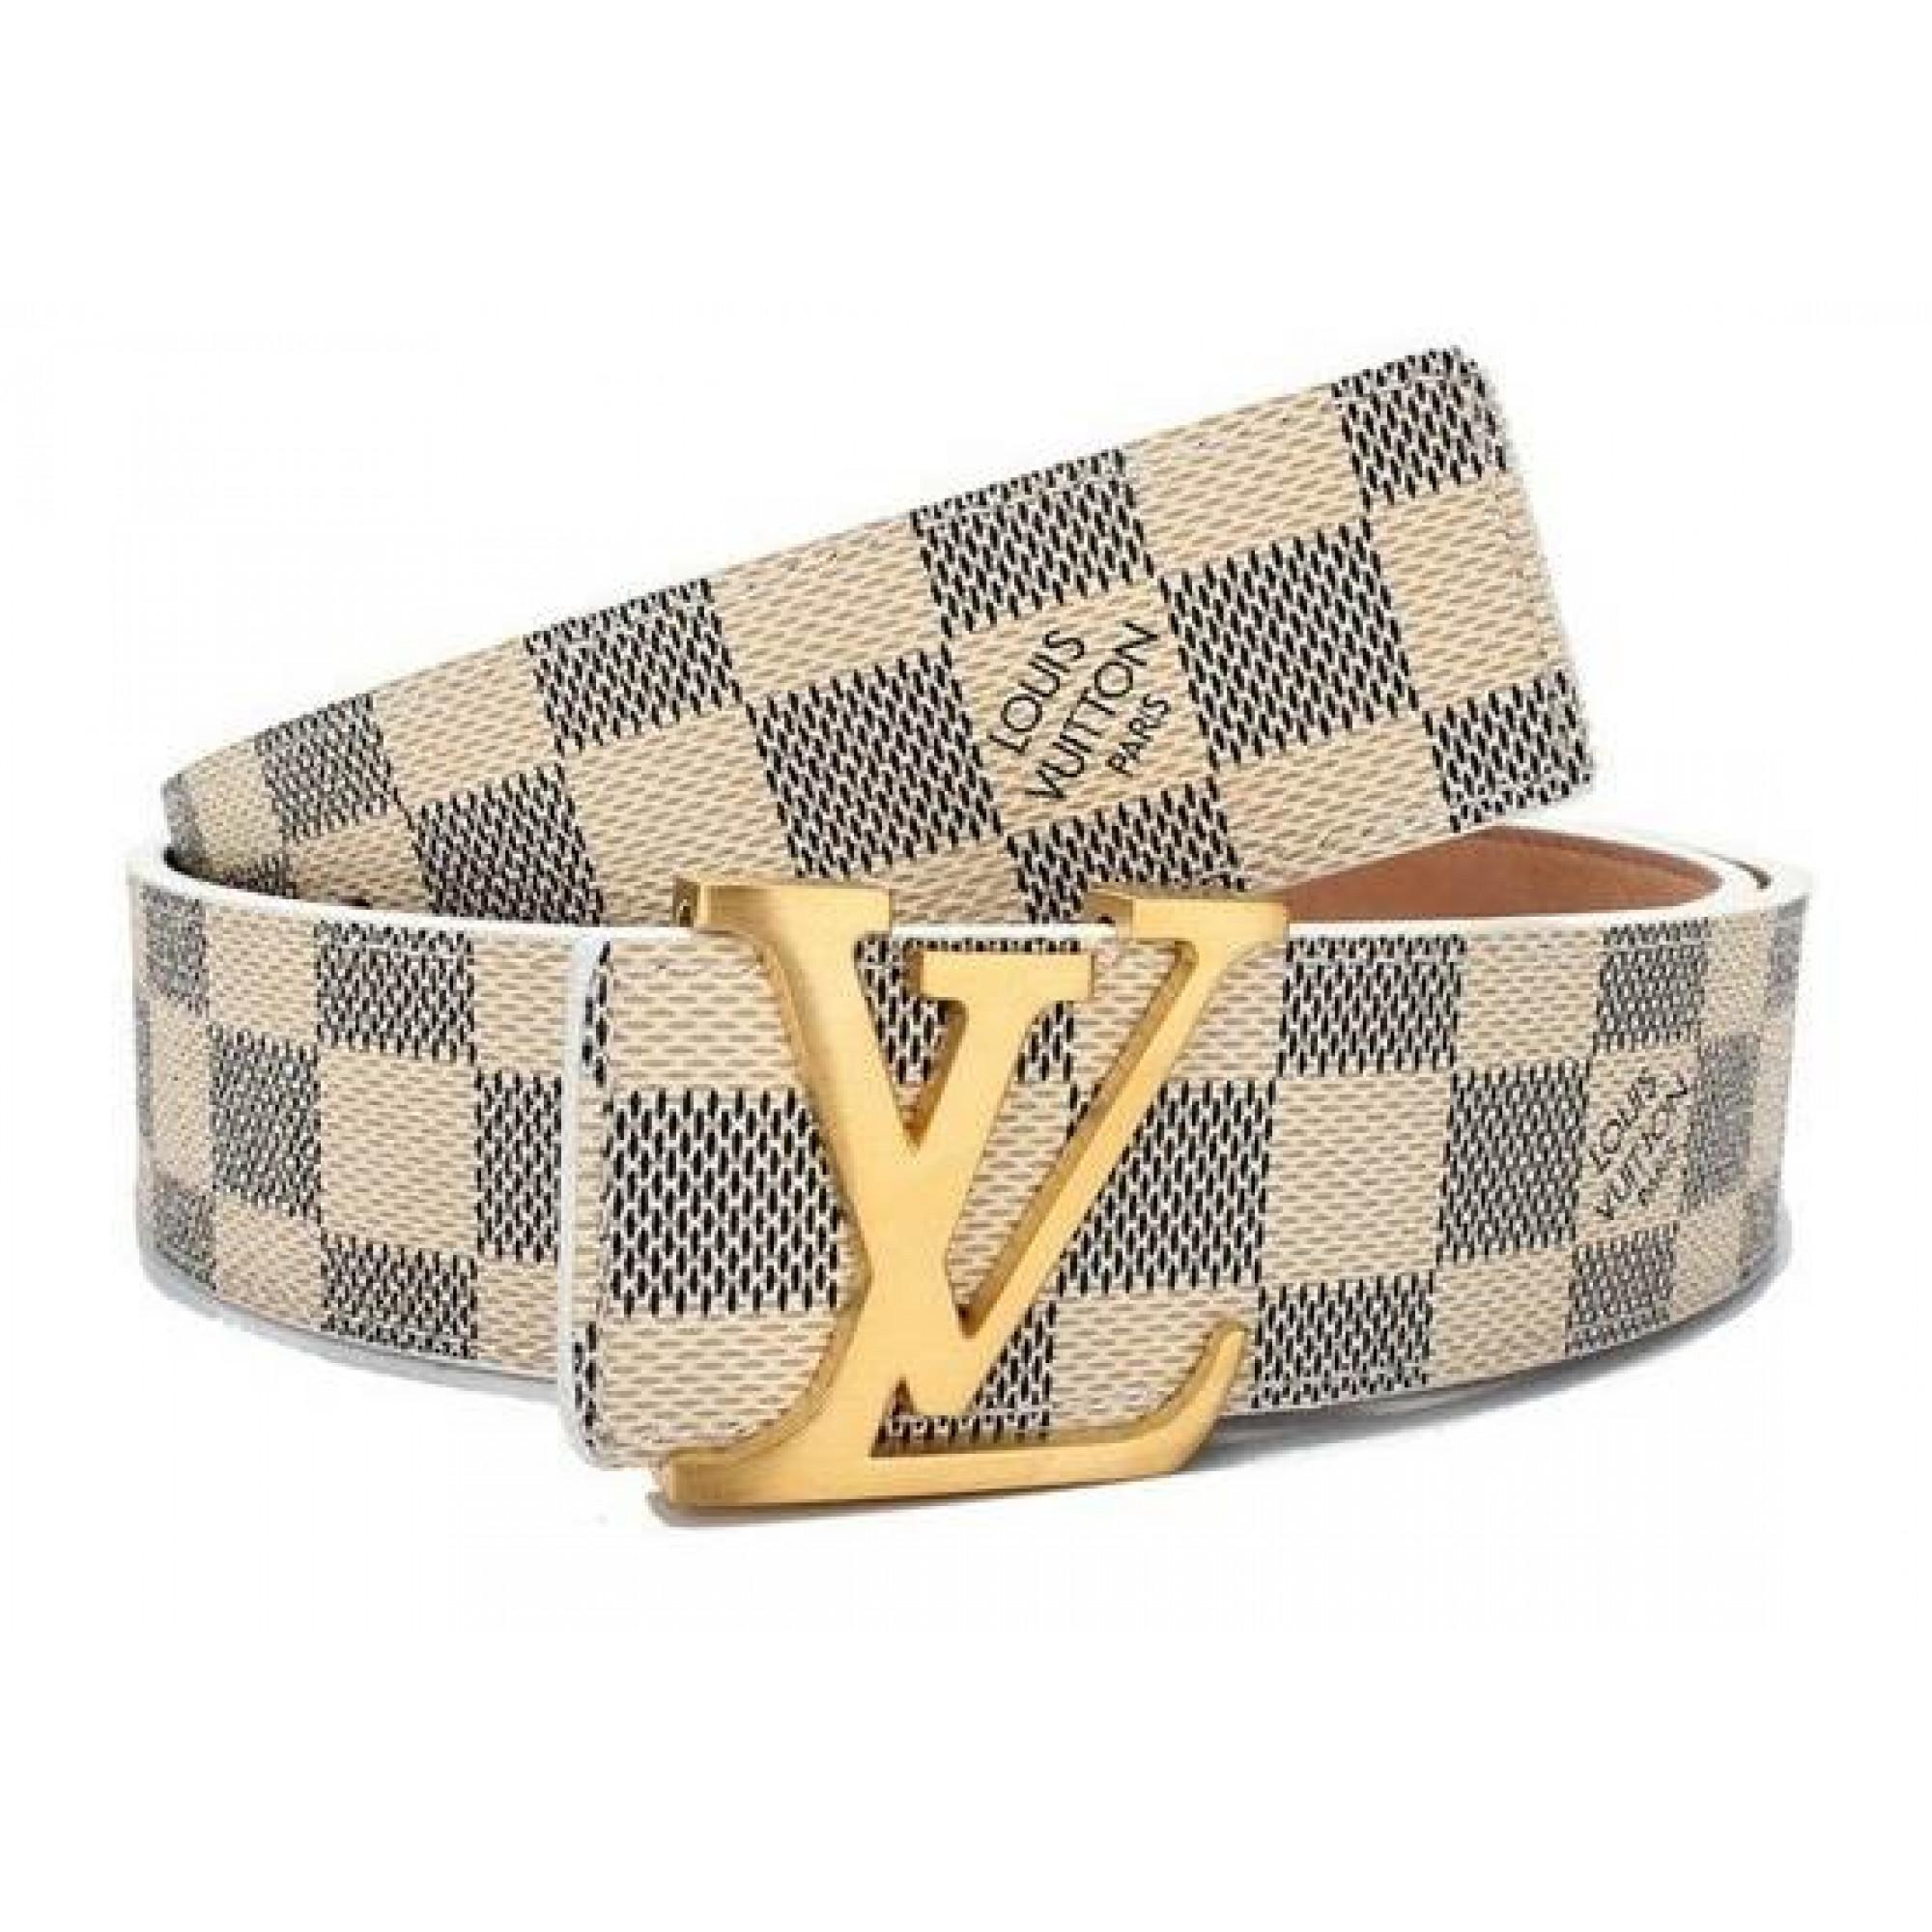 Купить ремень Louis Vuitton — в Киеве, код товара 9943 20d78c34fa8